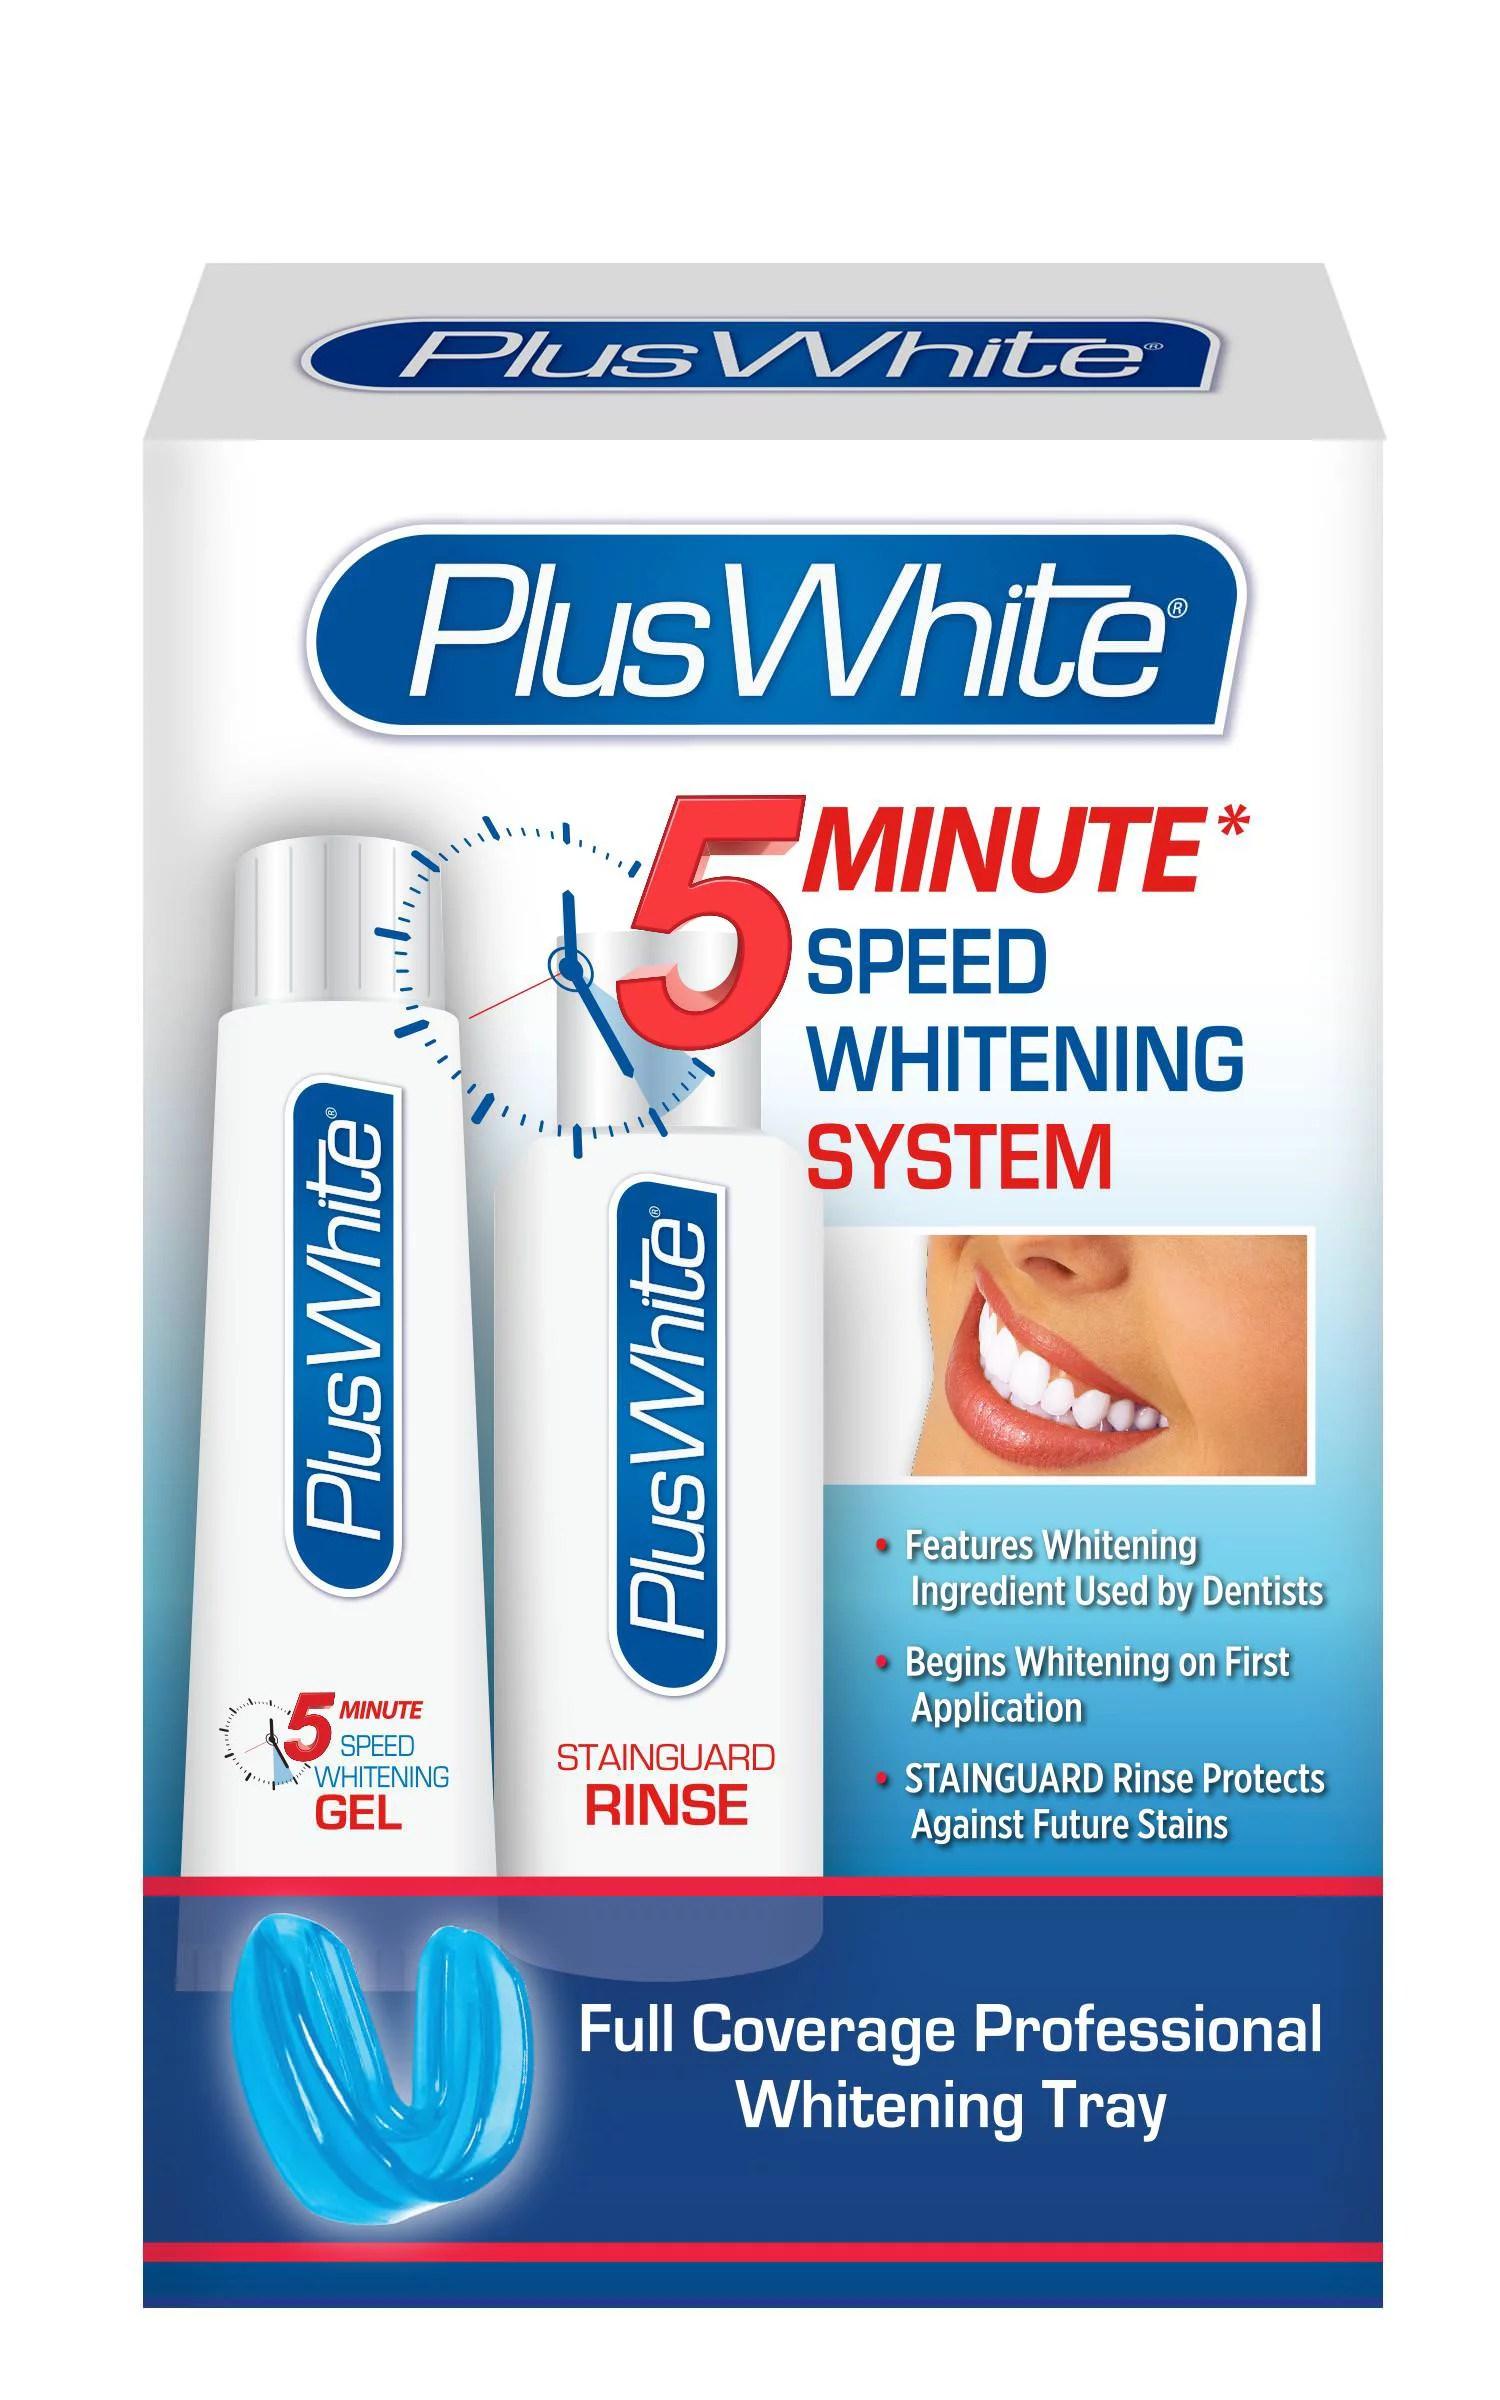 Tooth Repair Kit Walmart : tooth, repair, walmart, White, Minute, Premier, Speed, Teeth, Whitening, System, Walmart.com